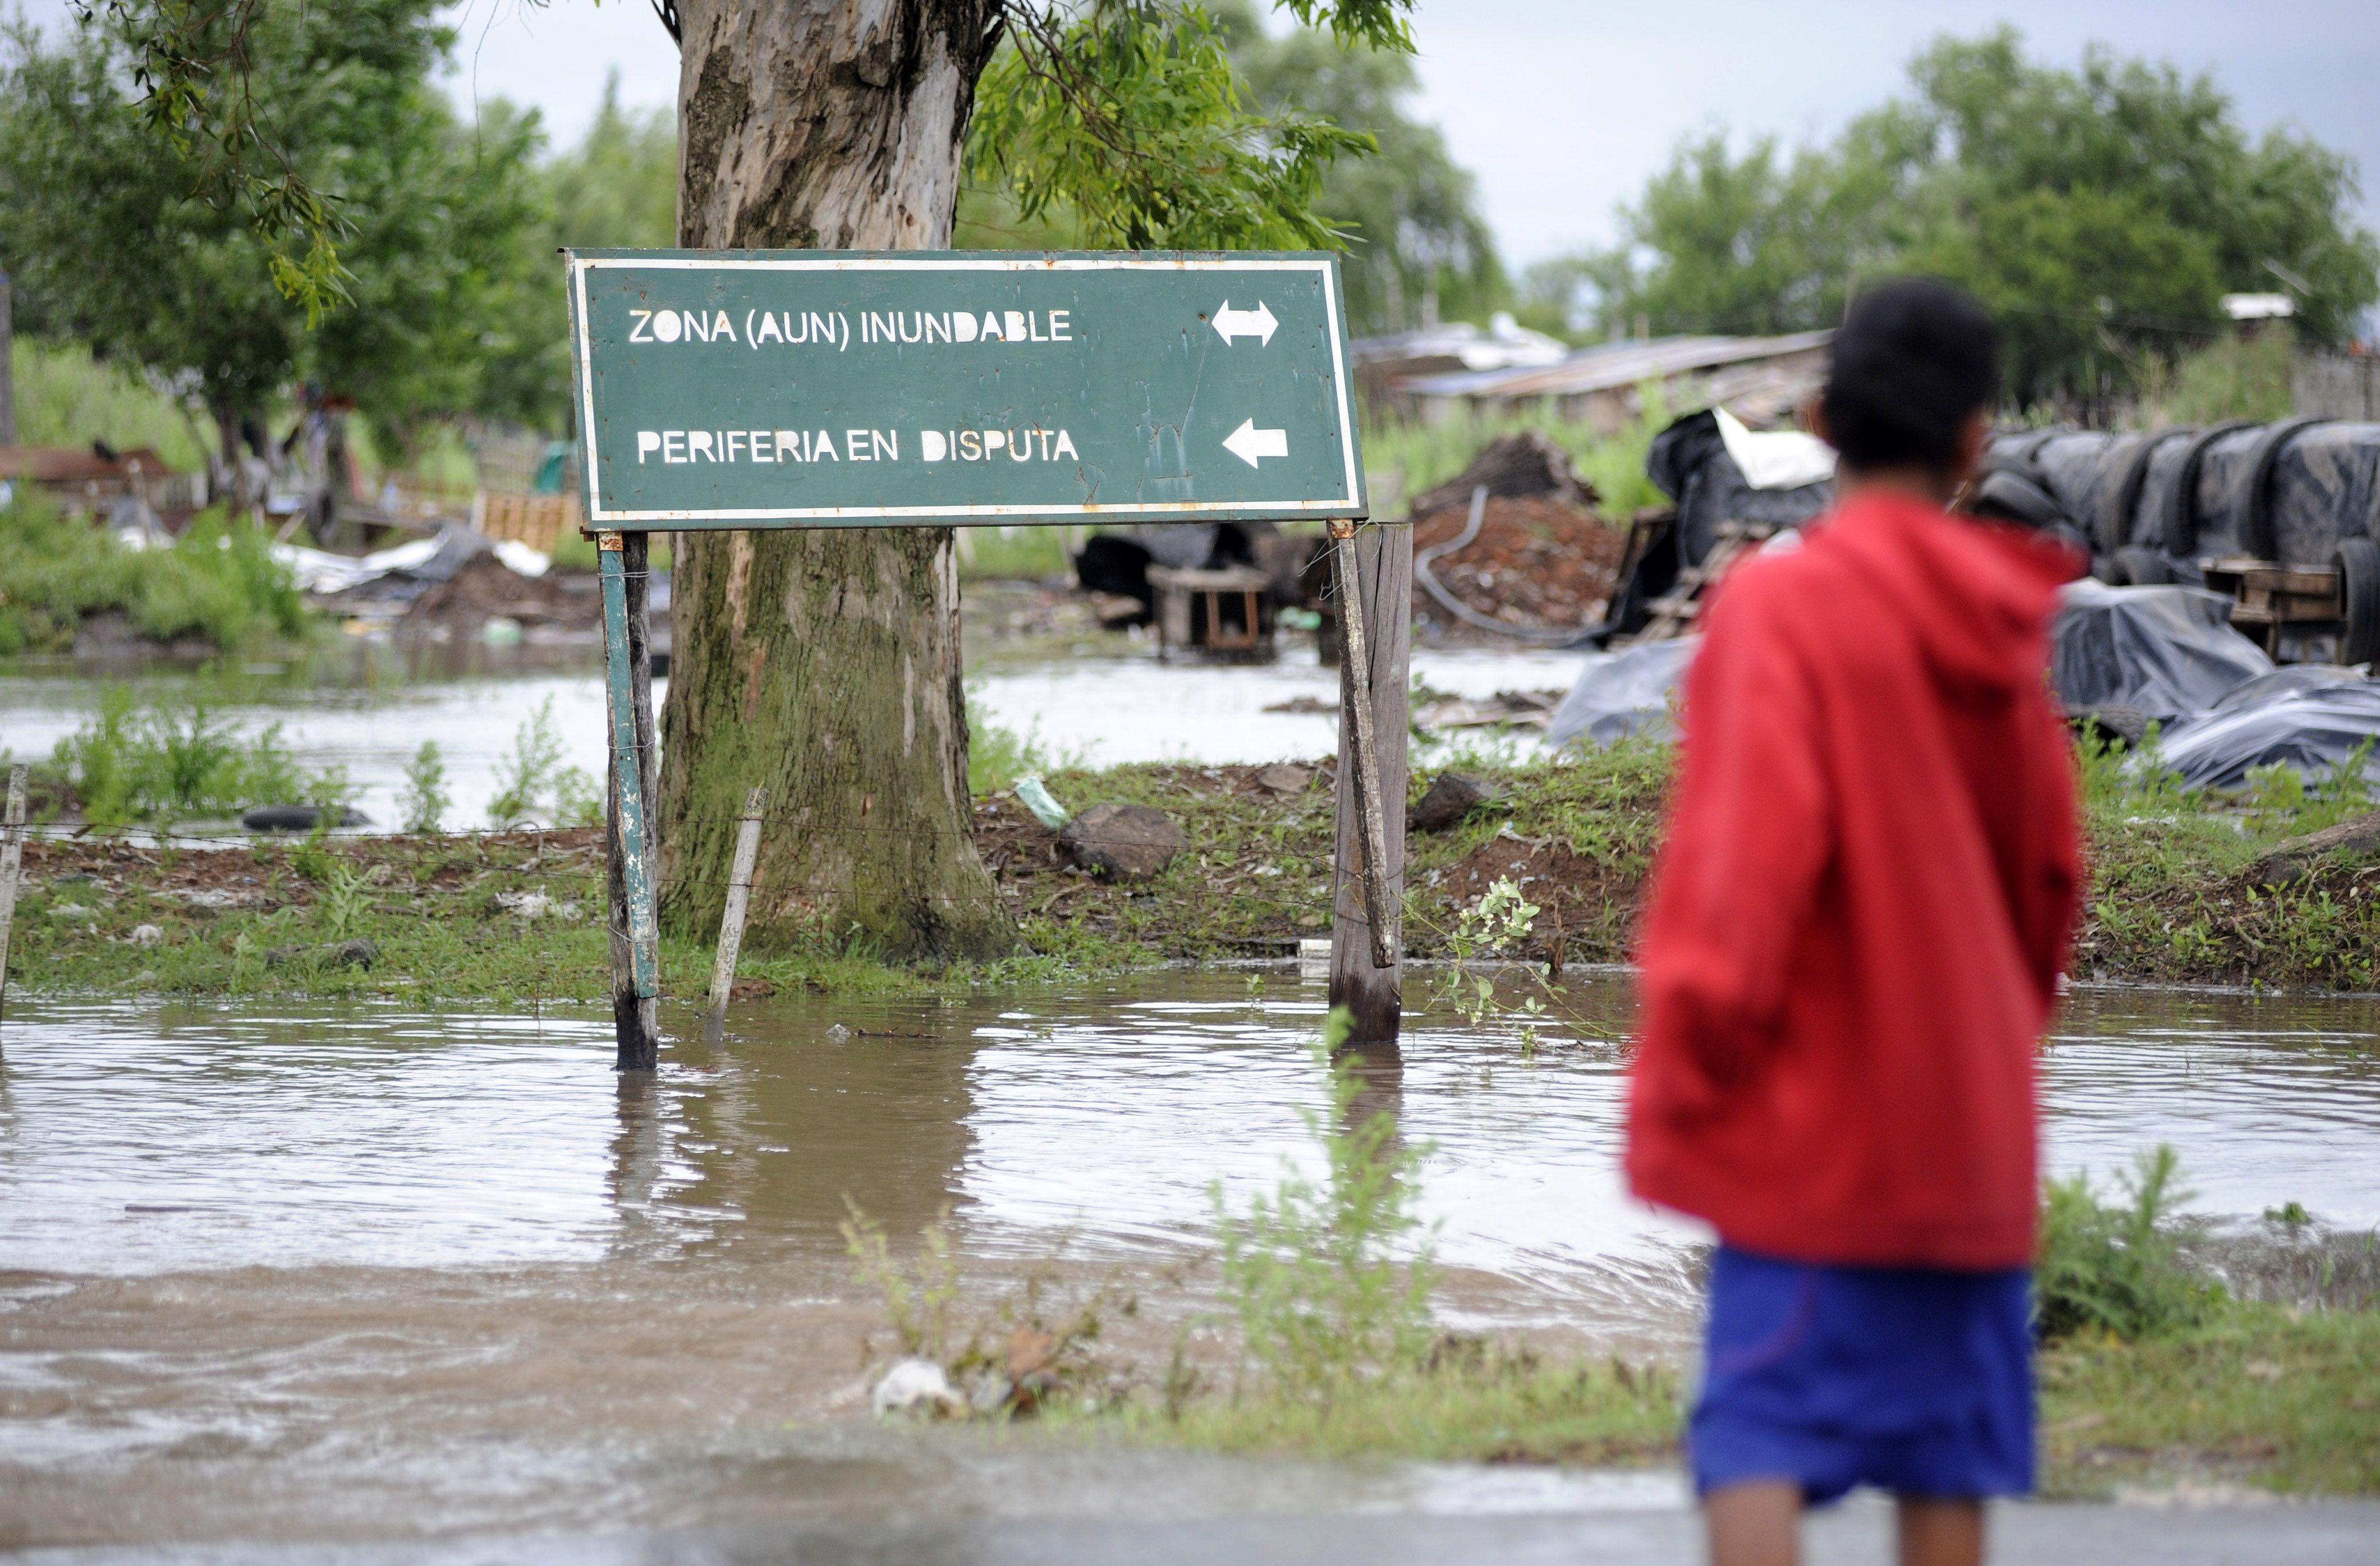 La fuerte tormenta de viento y lluvia que azotó a la región causó pérdidas en los sectores de menores recursos. (Foto: Héctor Río)